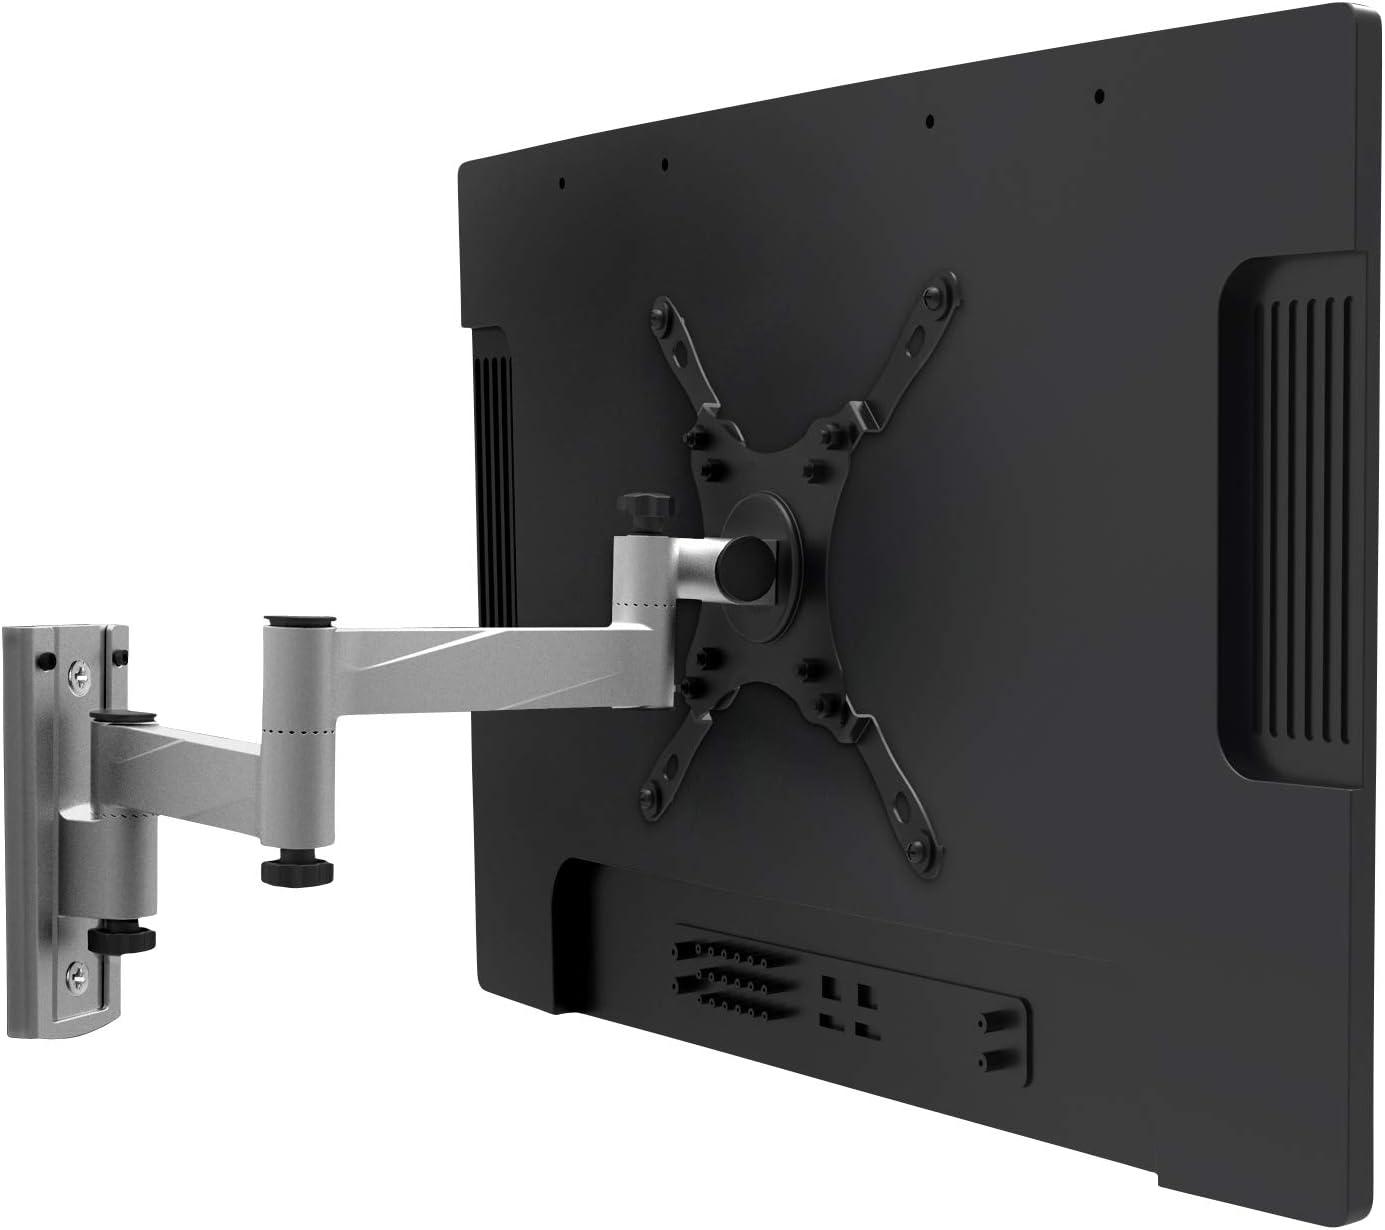 Proper tv-a1822s 13 – 42-inch con cerradura Swing brazo soporte para televisores de plasma, color negro: Amazon.es: Bricolaje y herramientas